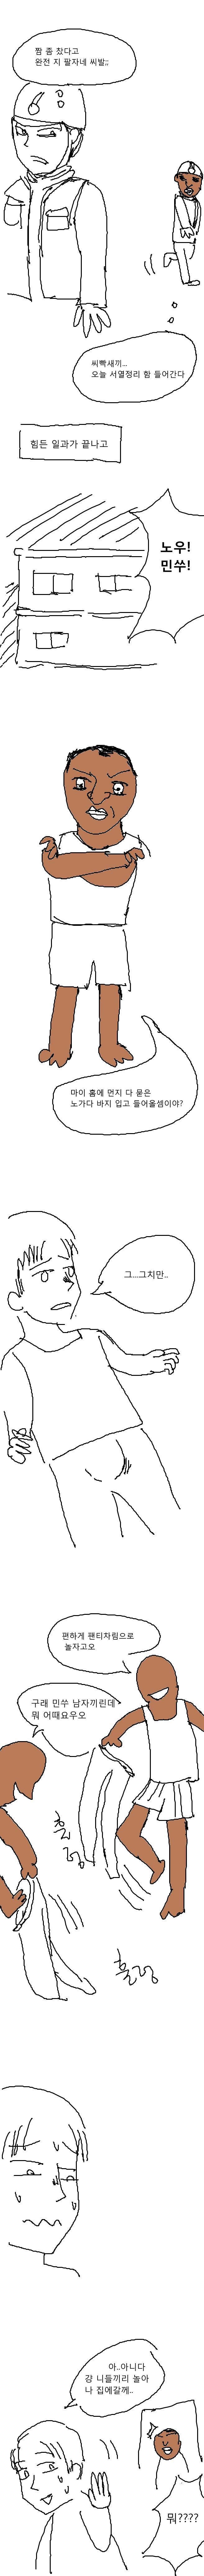 cartoon-20181204-185247-002.jpeg